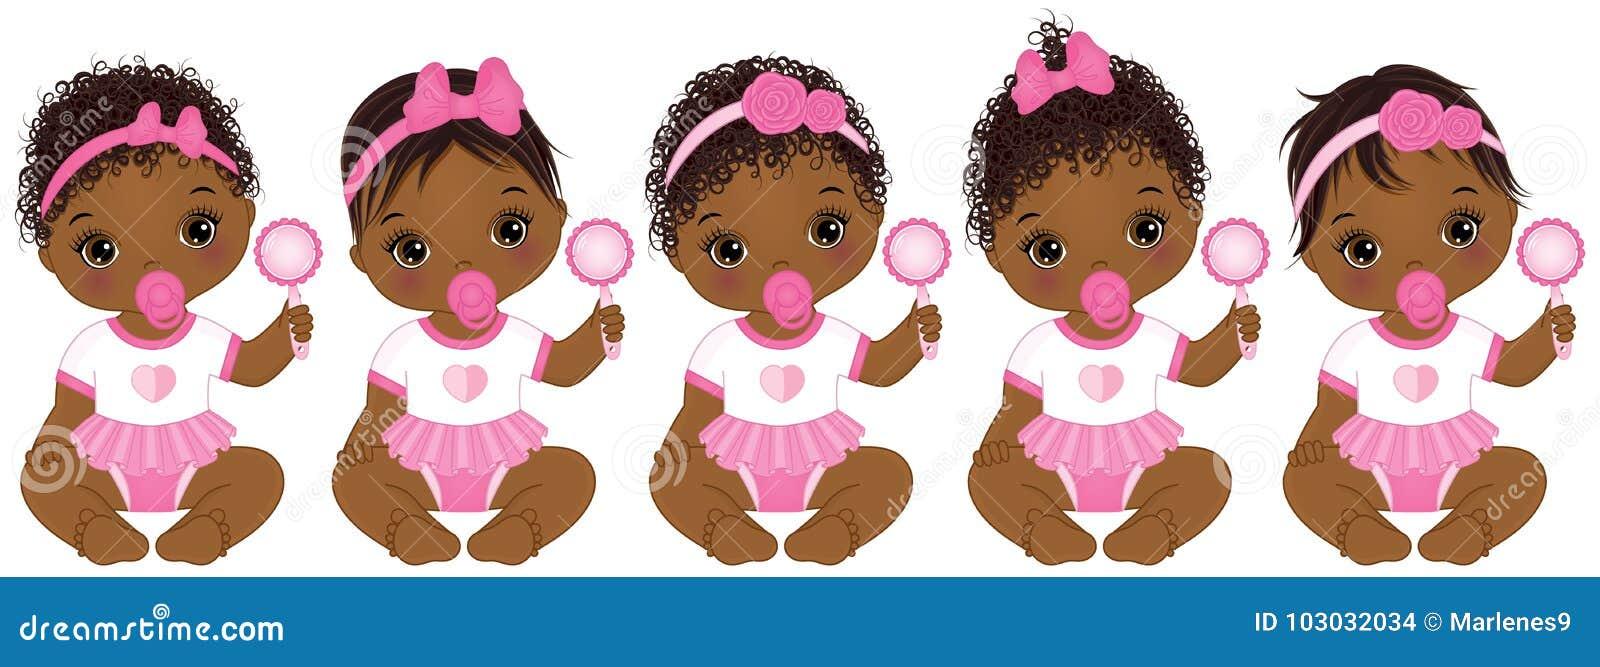 b8c7f4104ff Διανυσματικά χαριτωμένα κοριτσάκια αφροαμερικάνων με διάφορο Hairstyles